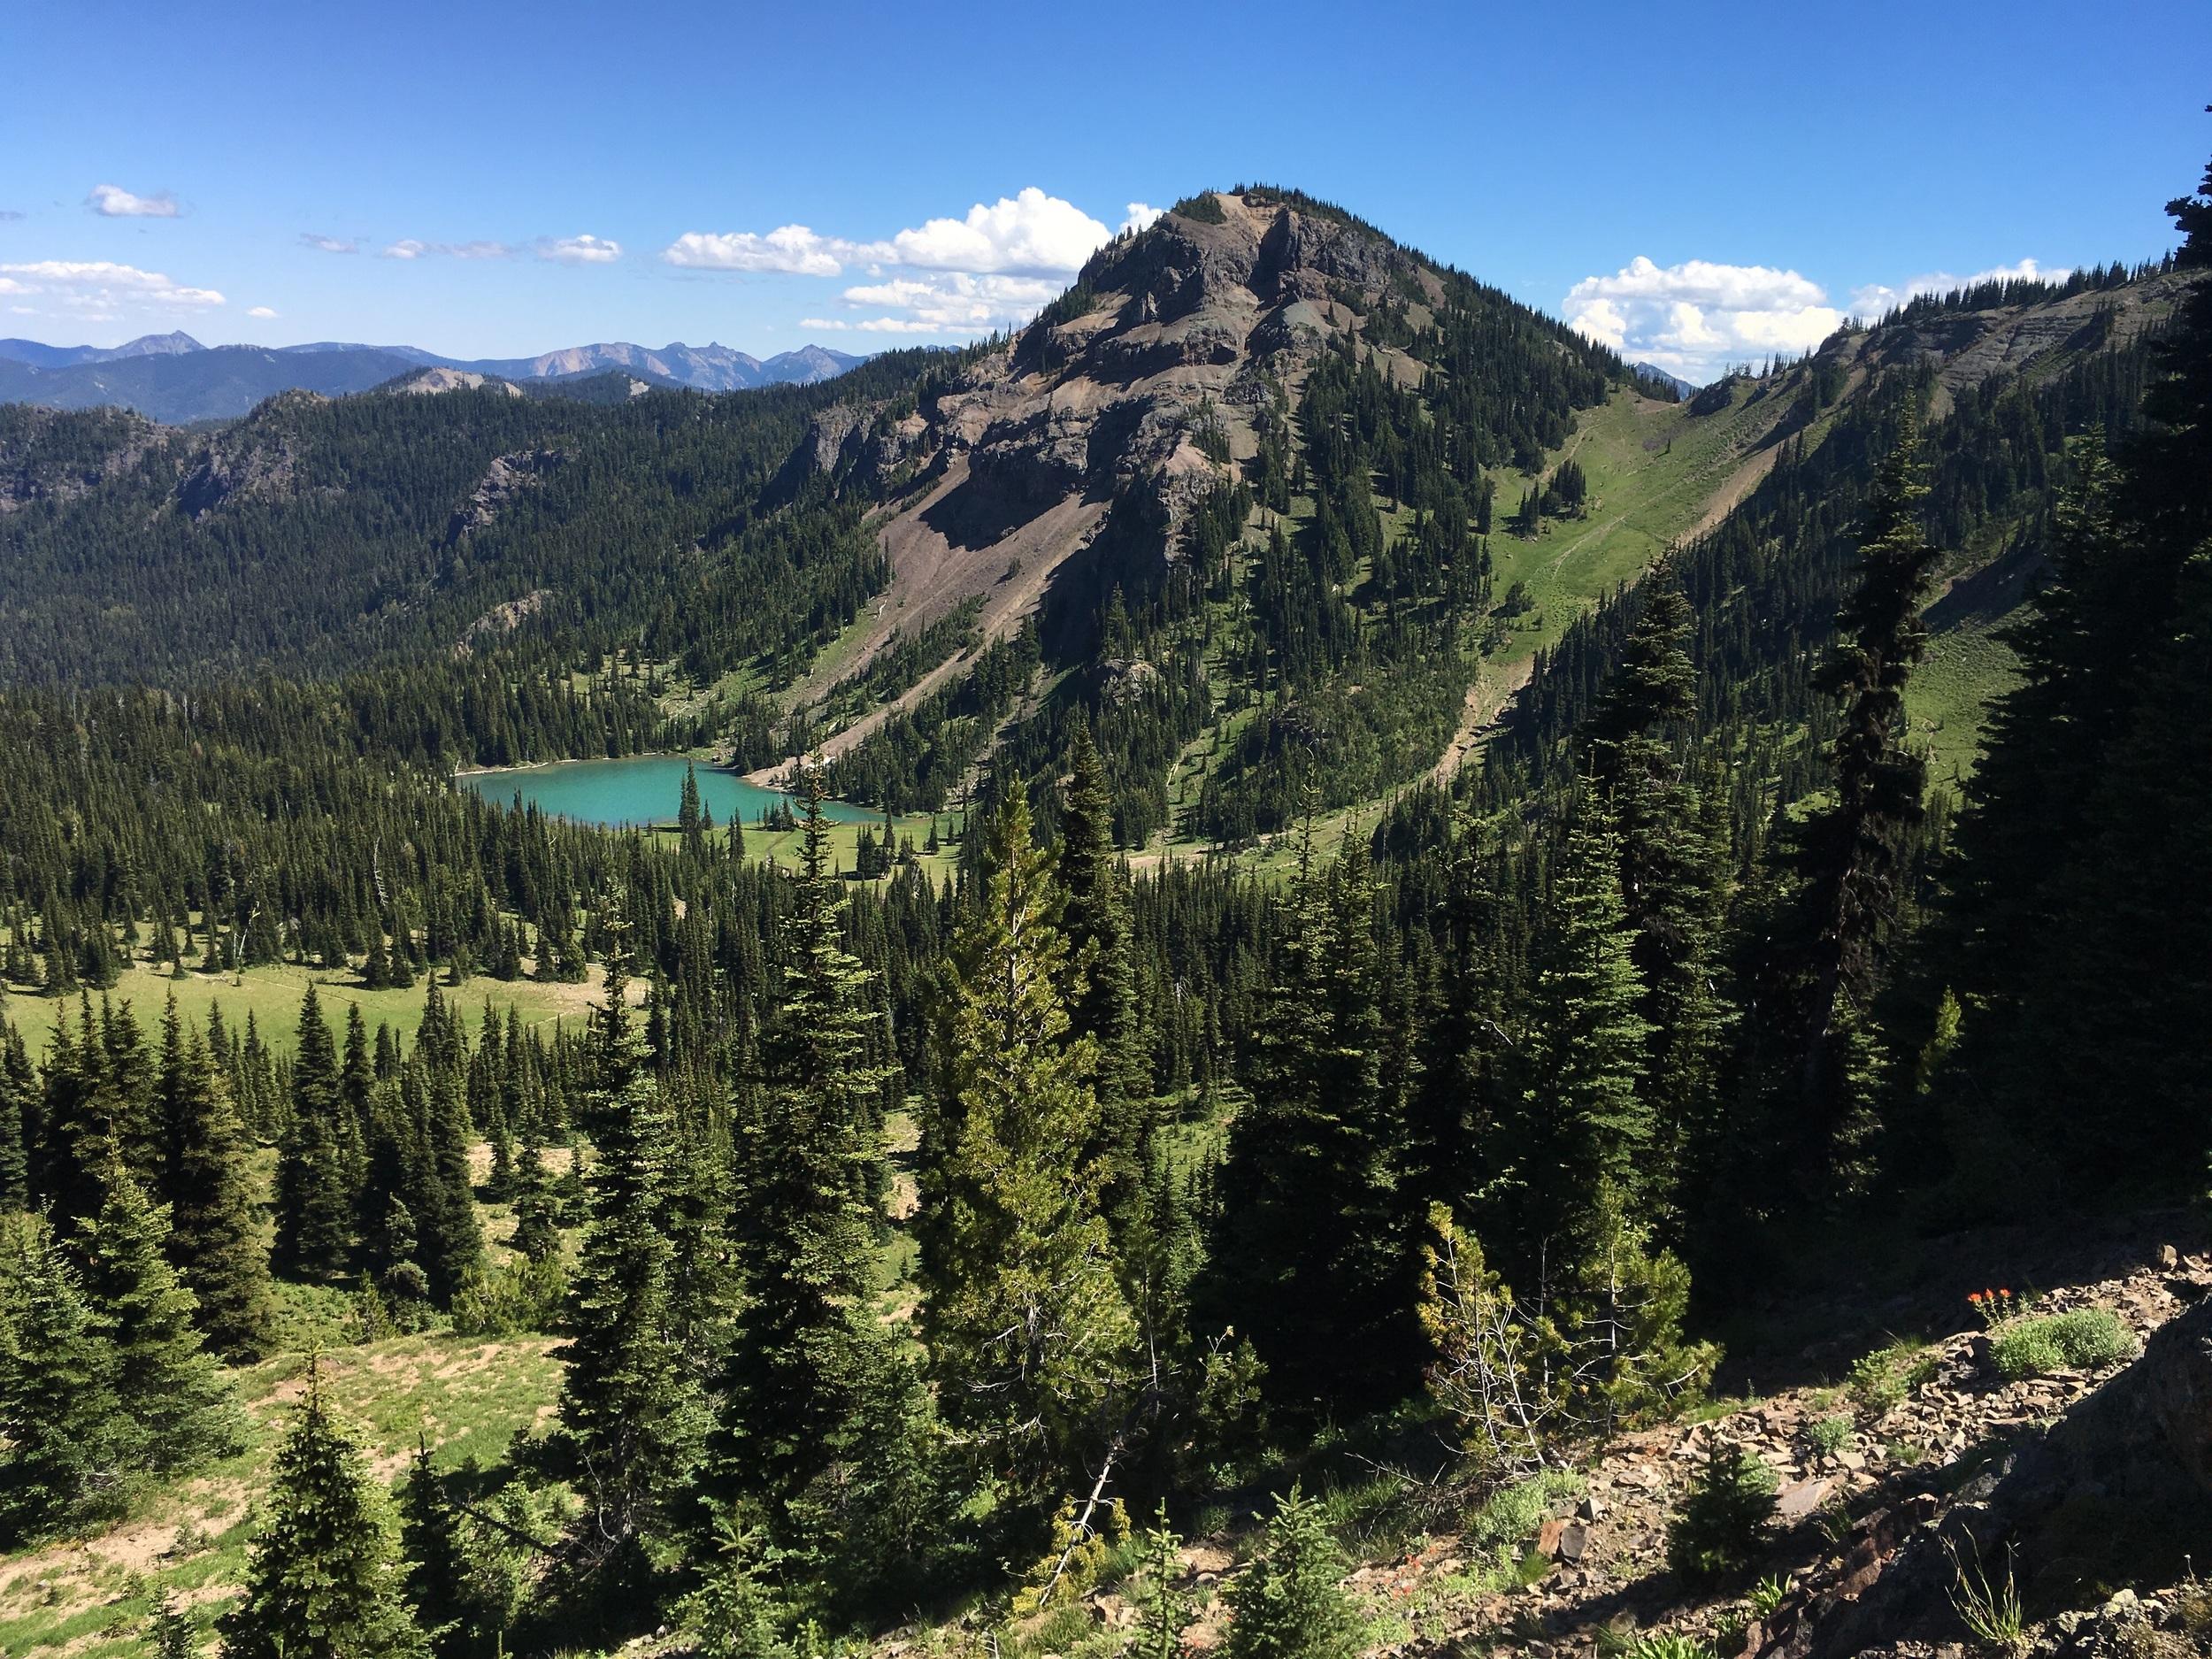 The mysteriously jade green lake of Lake Basin